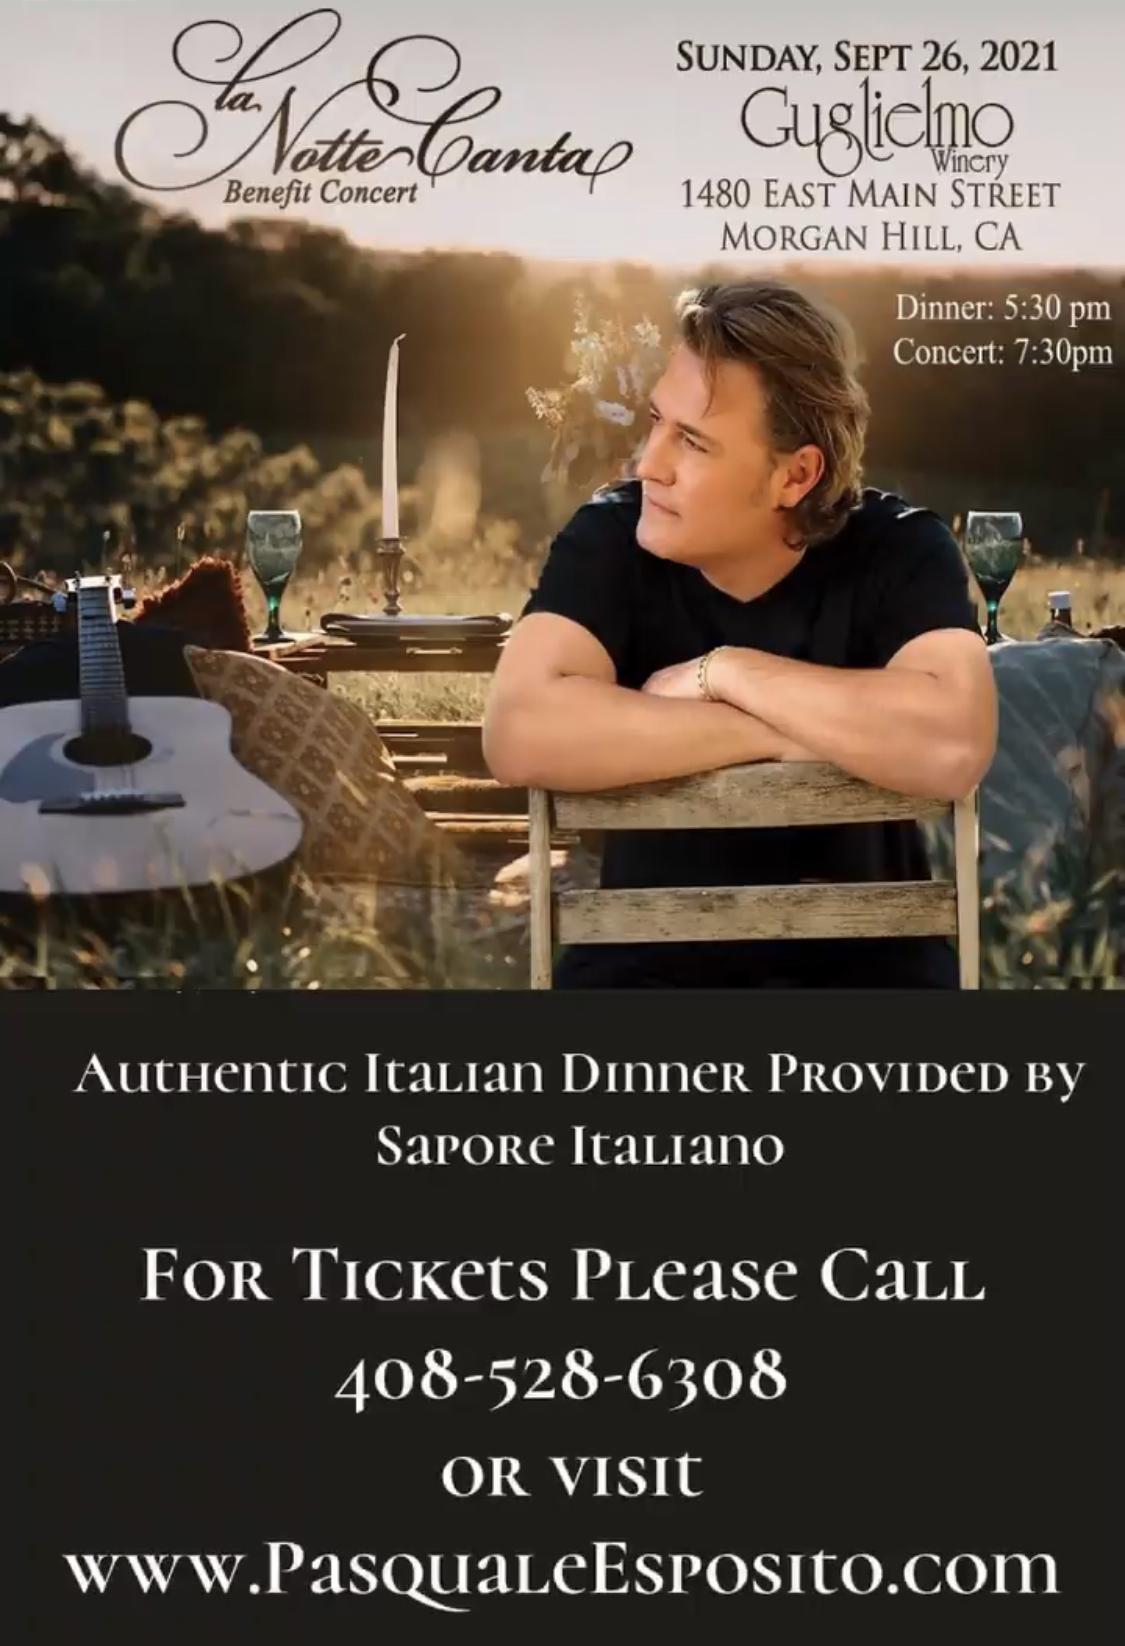 La Notte Canta Benefit Concert with Pasquale Esposito